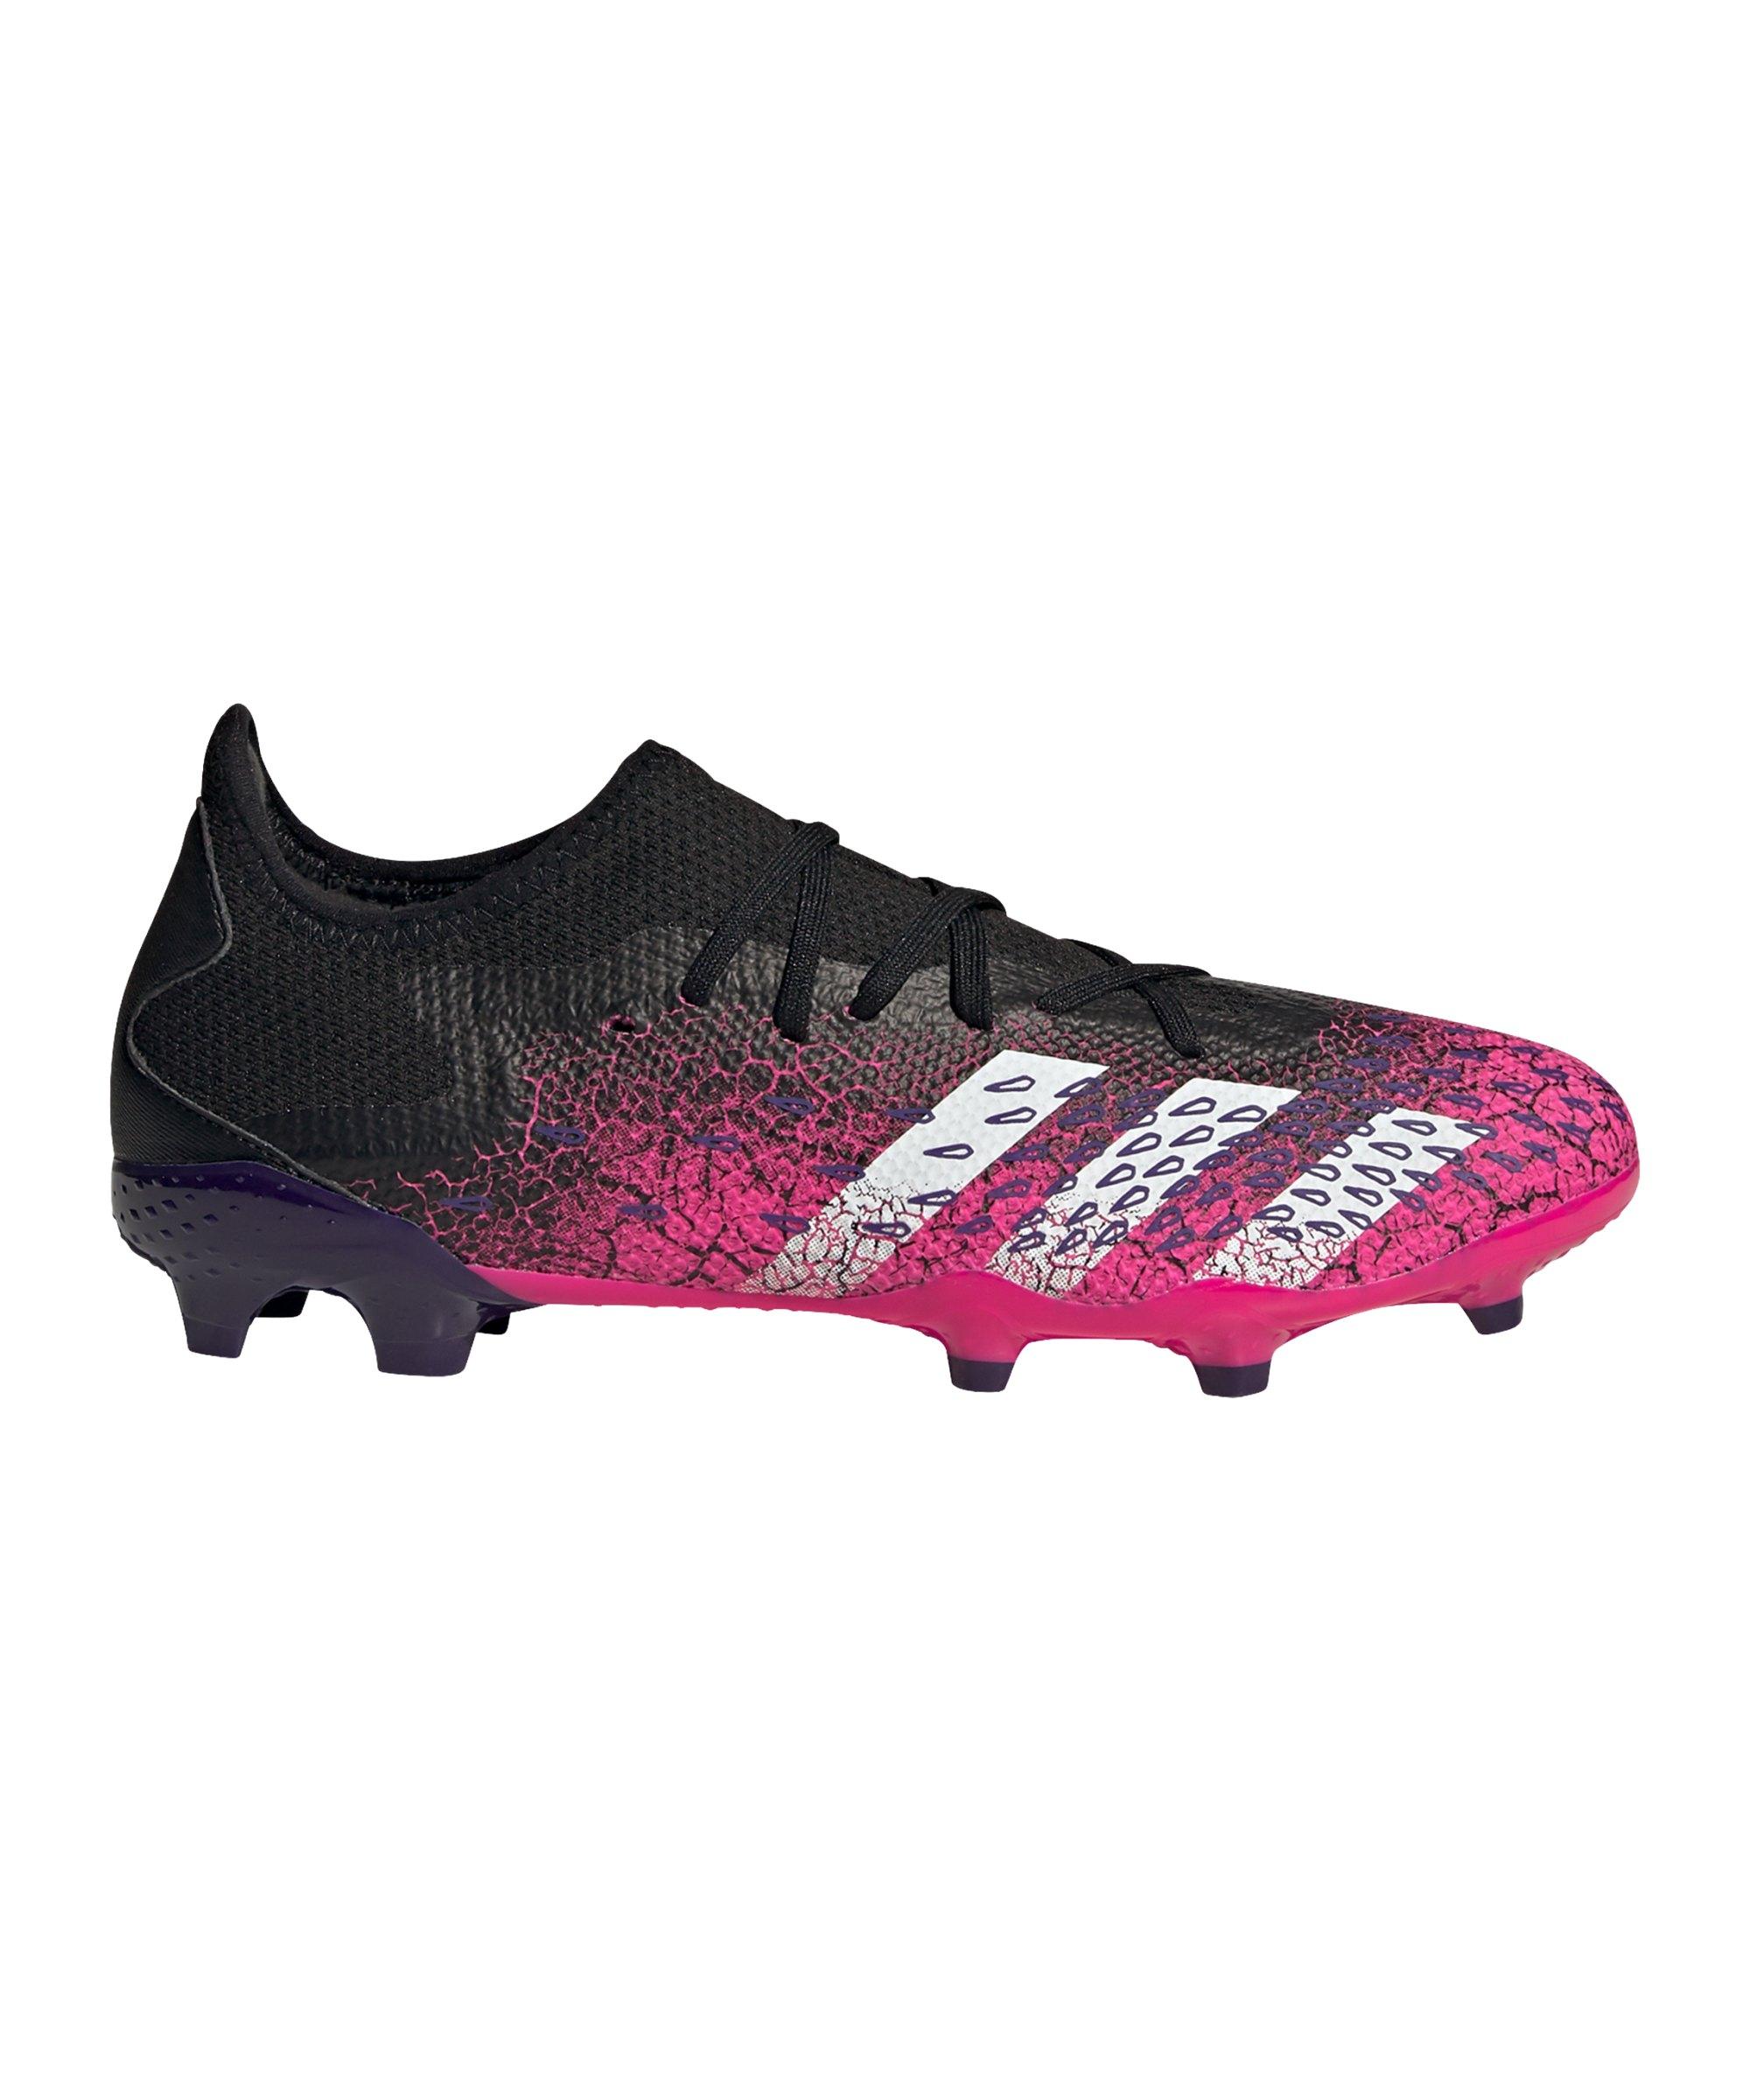 adidas Predator FREAK.3 L FG Superspectral Schwarz Weiss Pink - schwarz